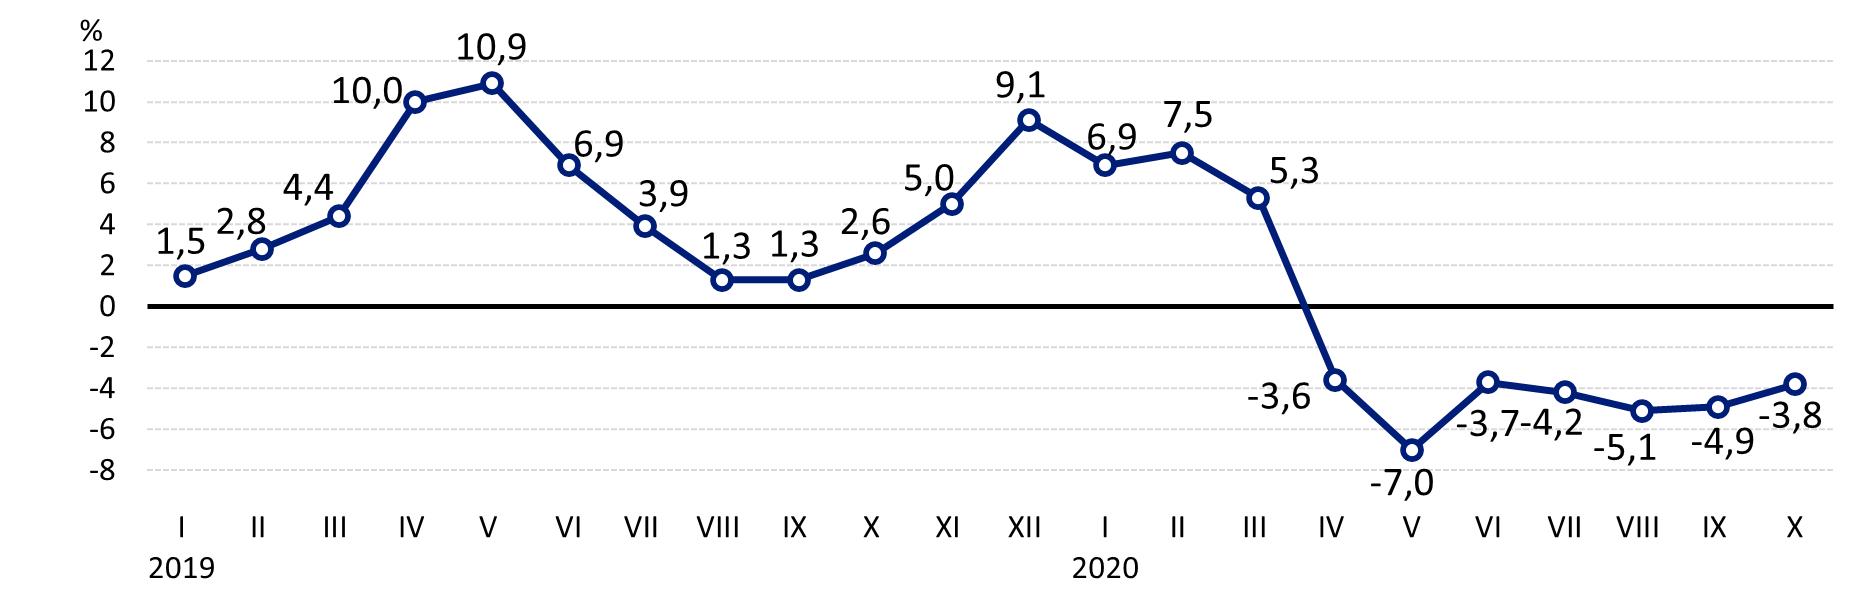 Wykres 2. Zmiany cen skupu w stosunku do poprzedniego roku